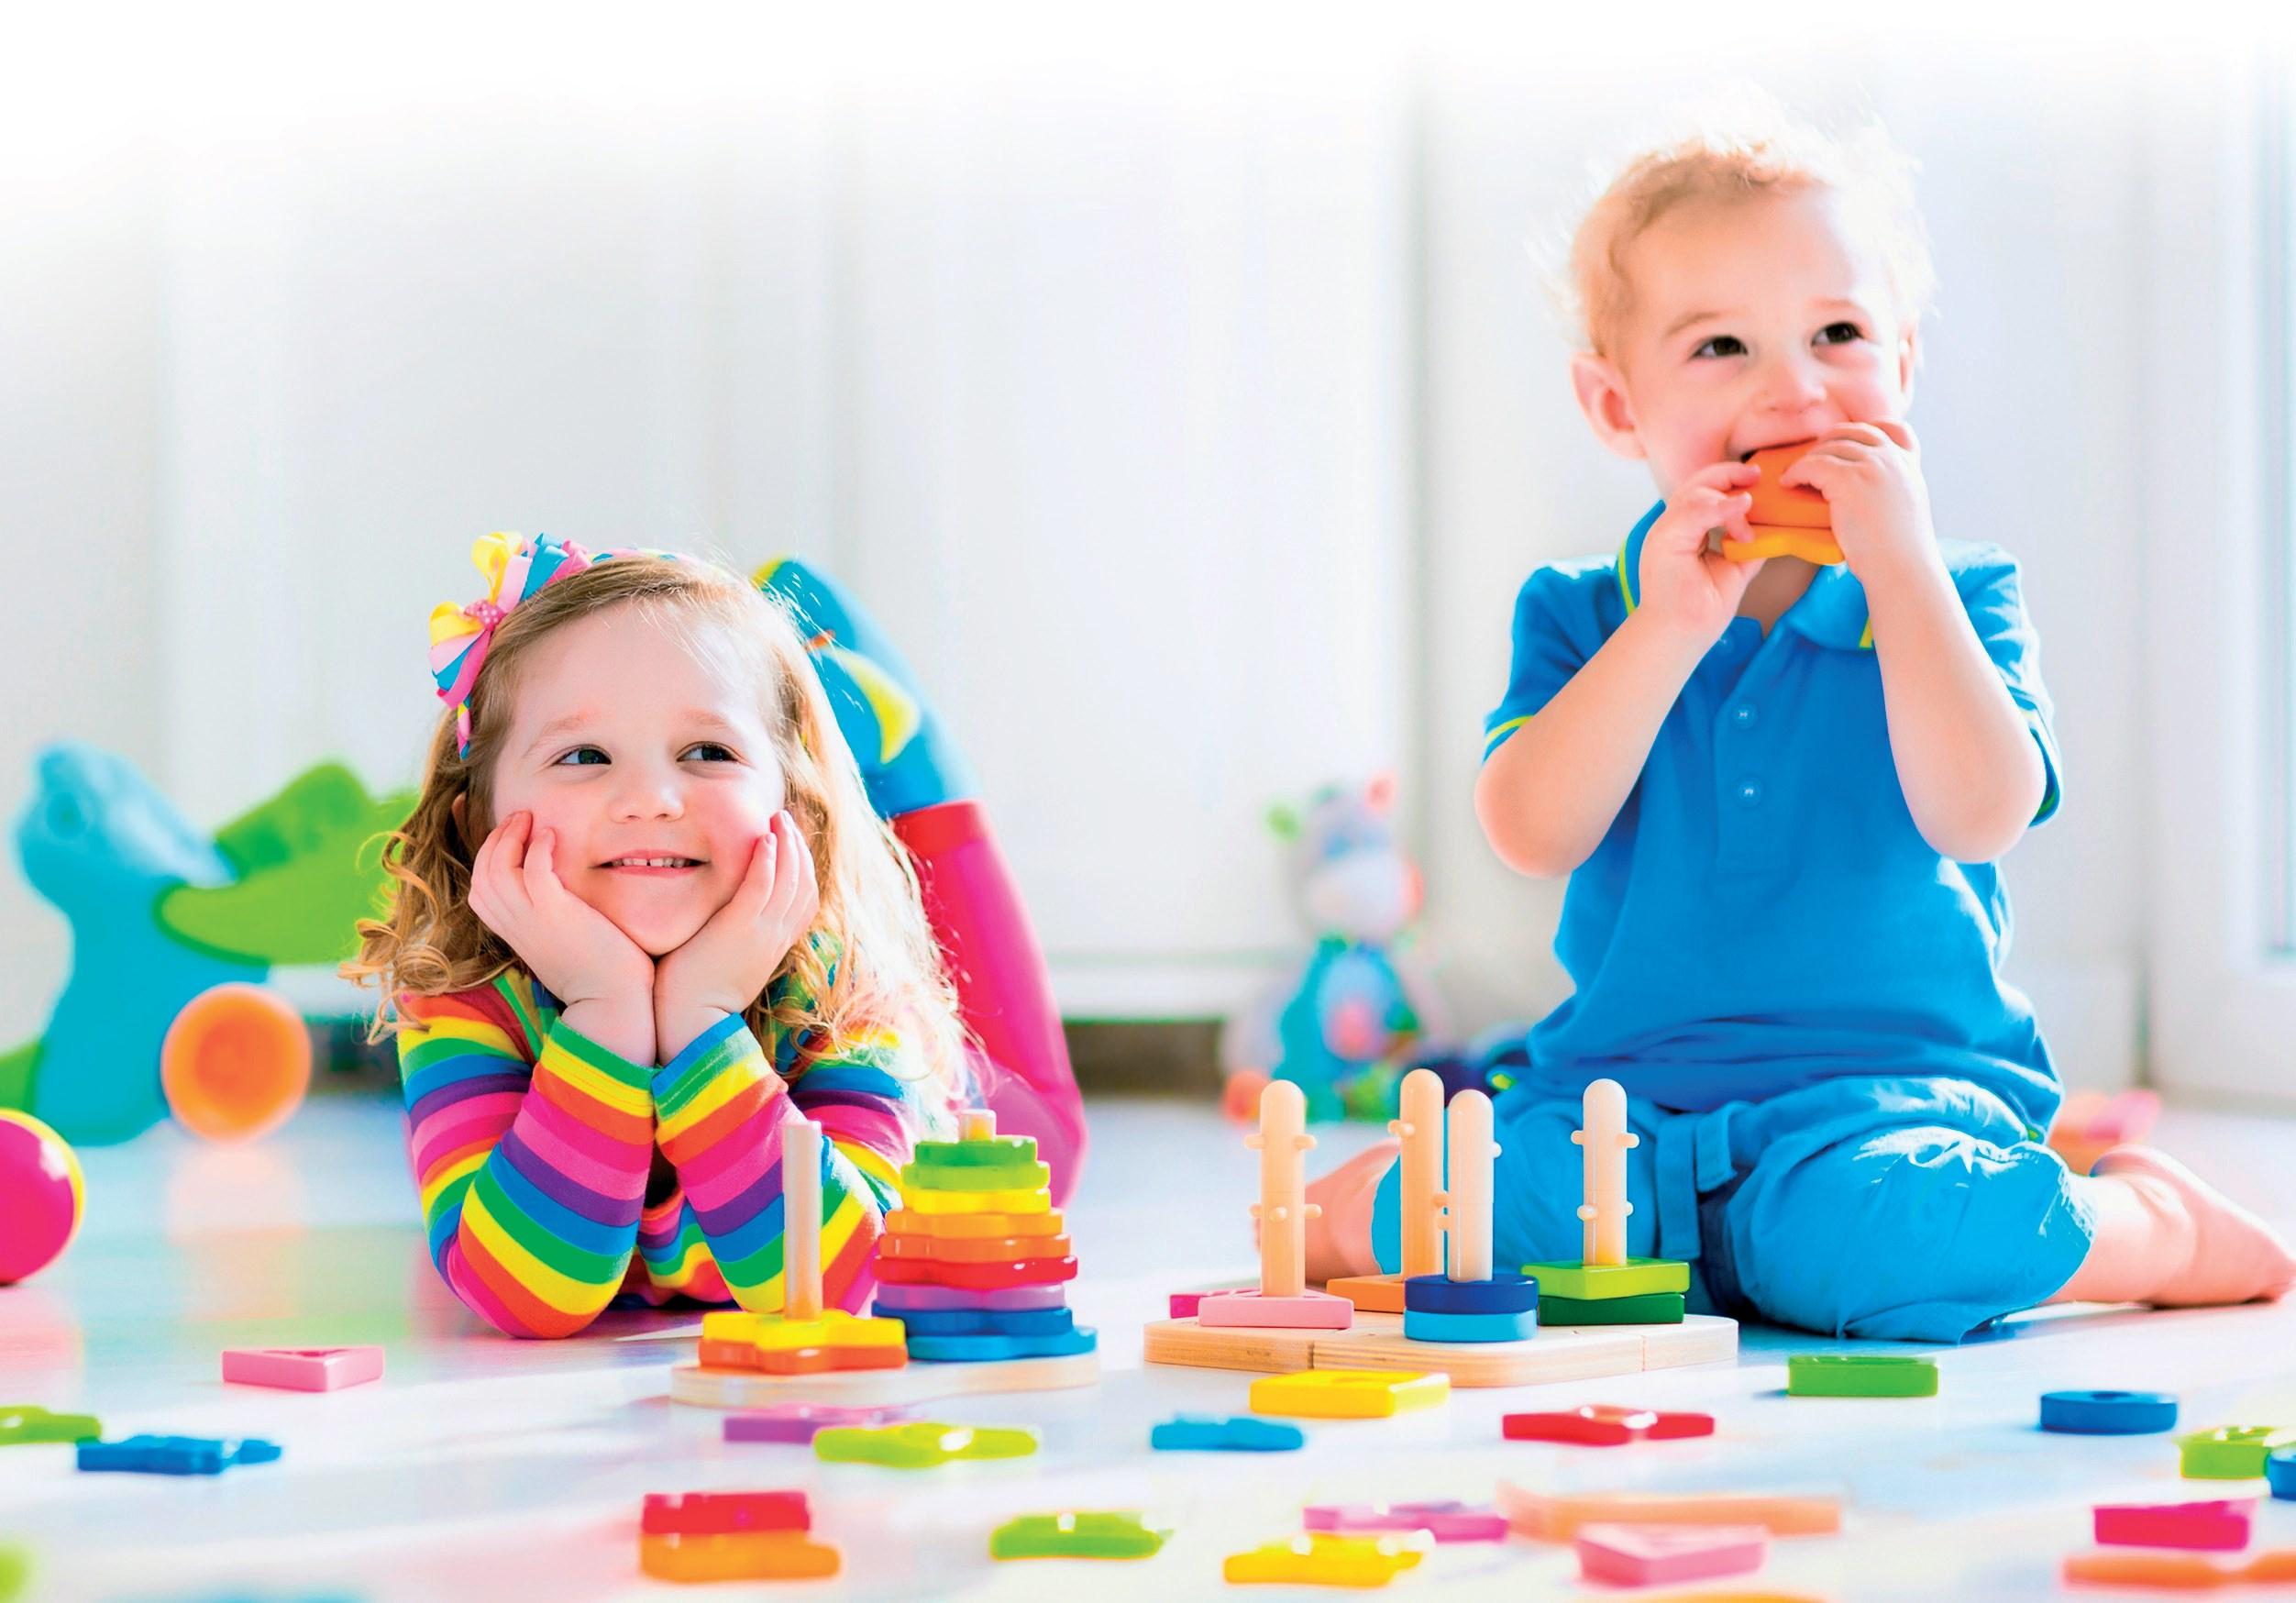 gry edukacyjne dla dzieci w żłobkach i przedszkolach © www.shutterstock.com